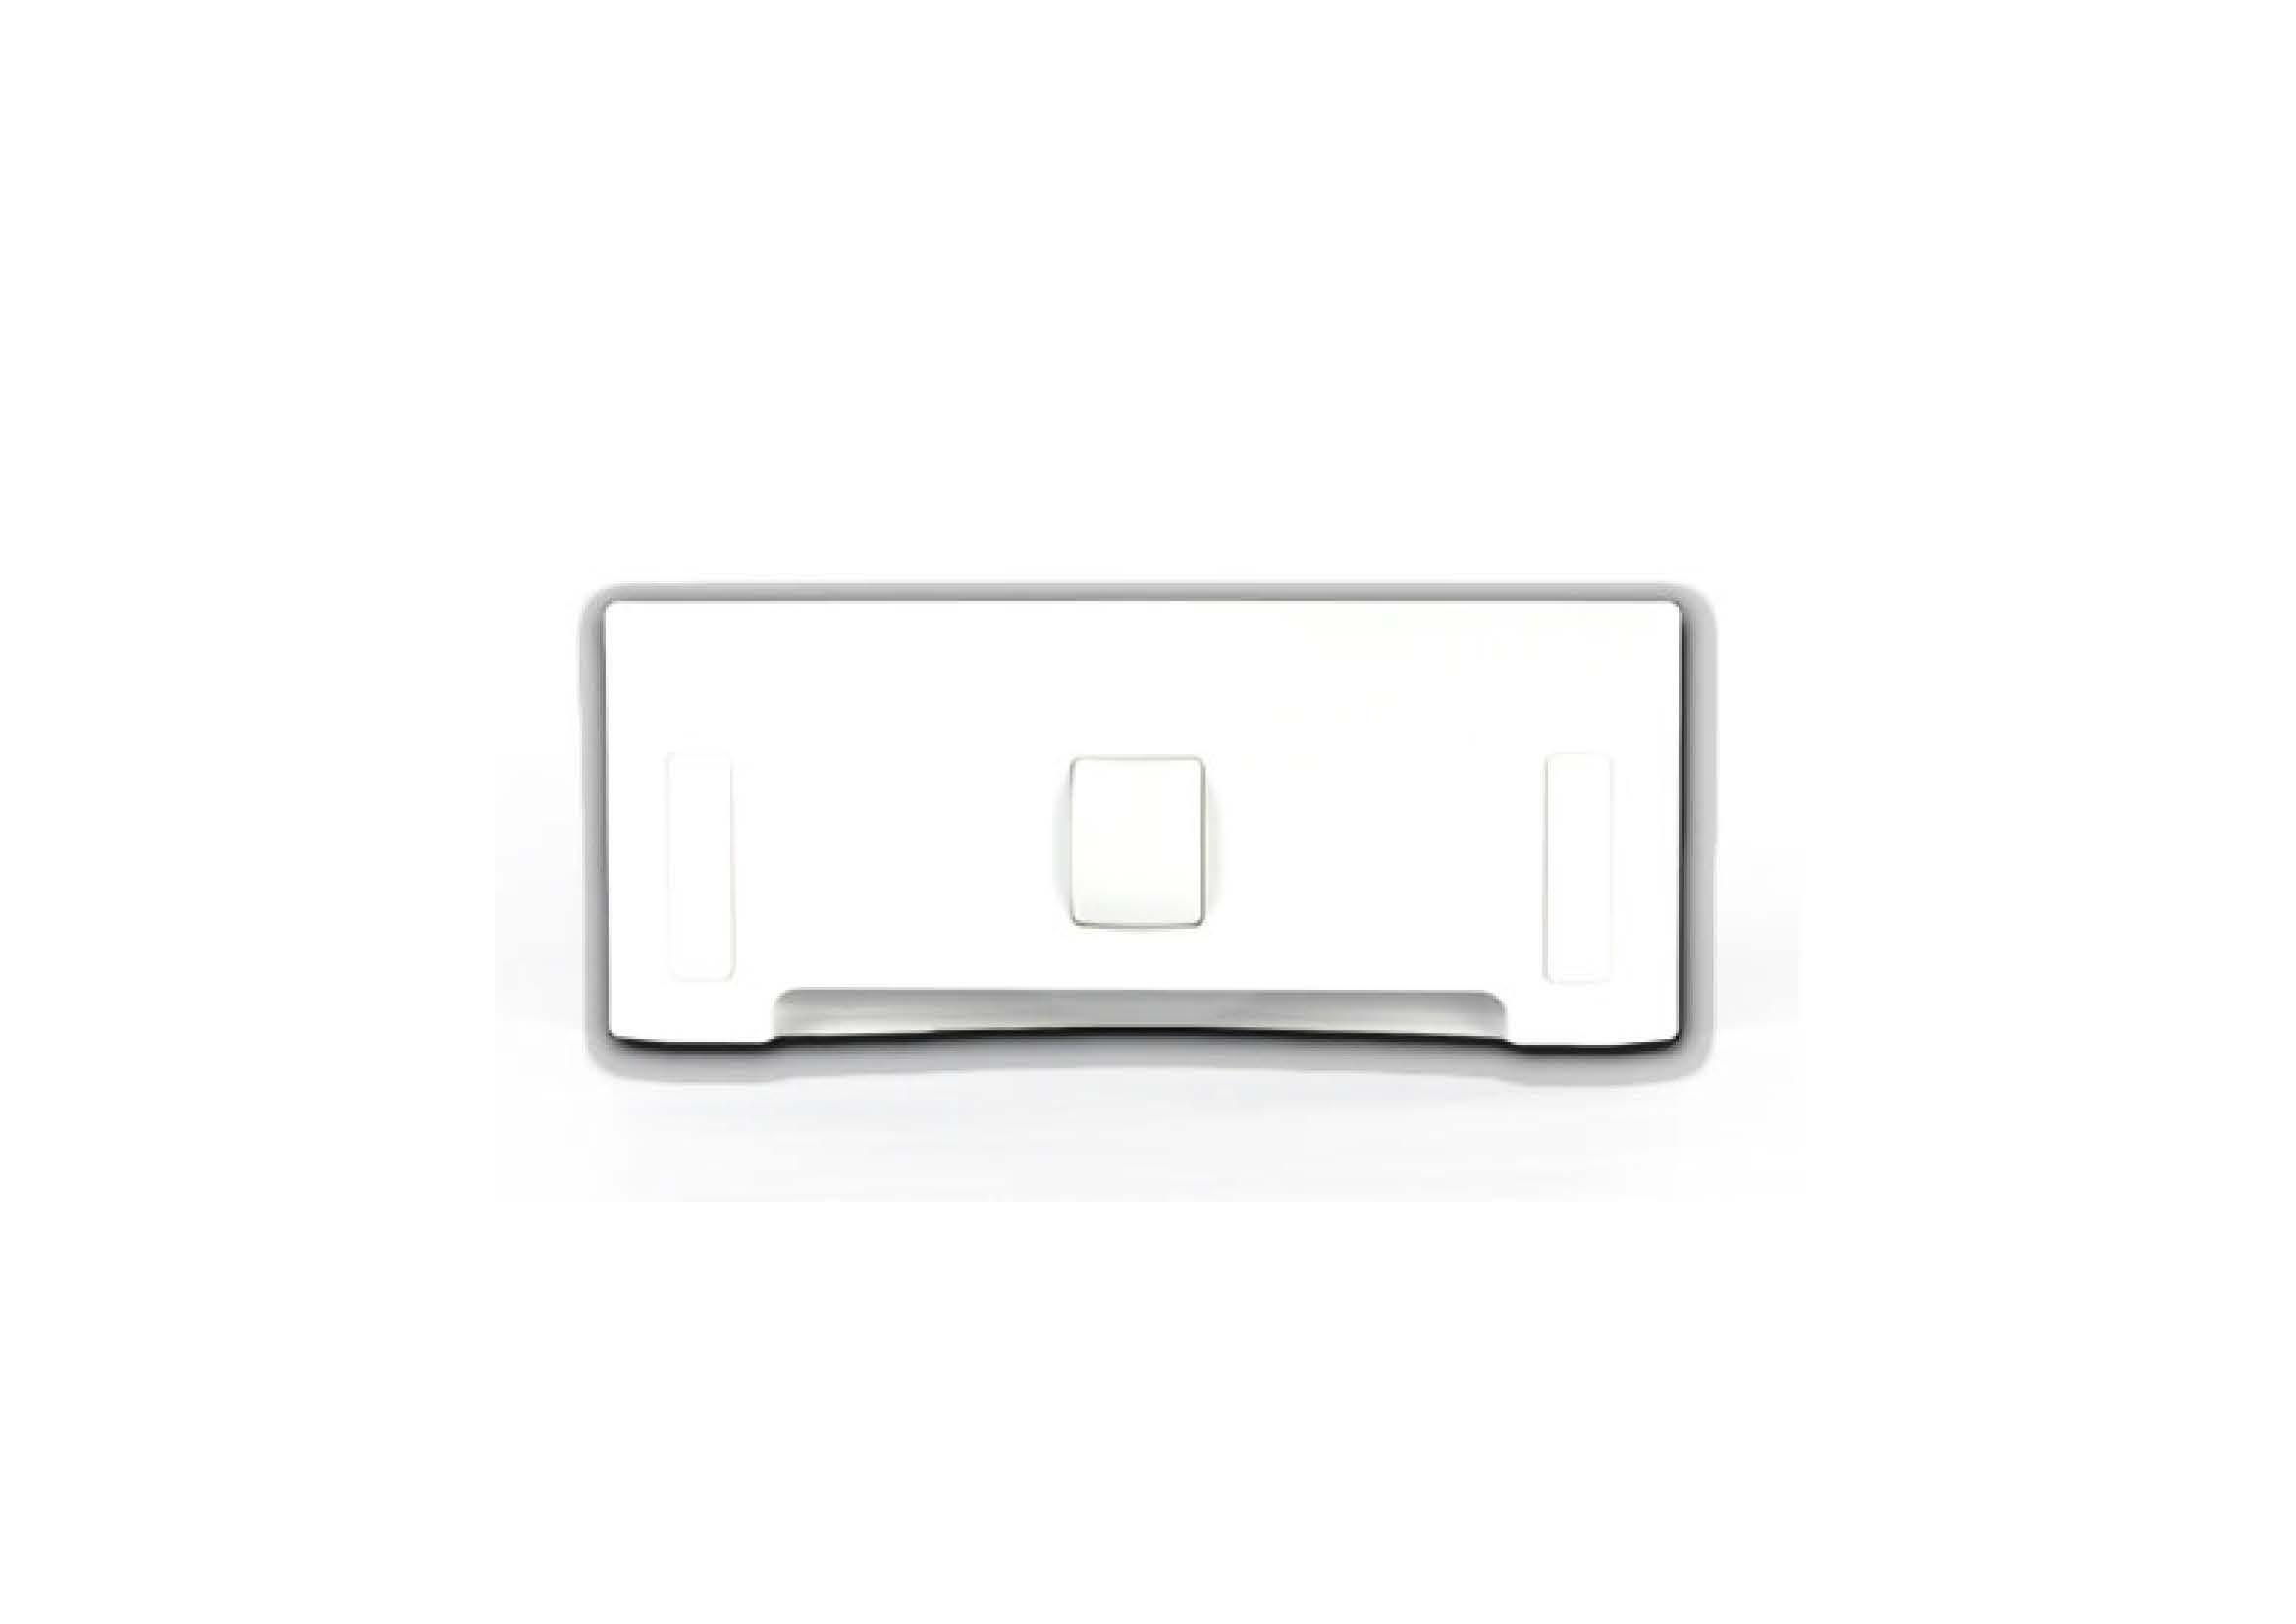 Щілинна вакуумна розетка-совок LEOVAC UNO, колір білий